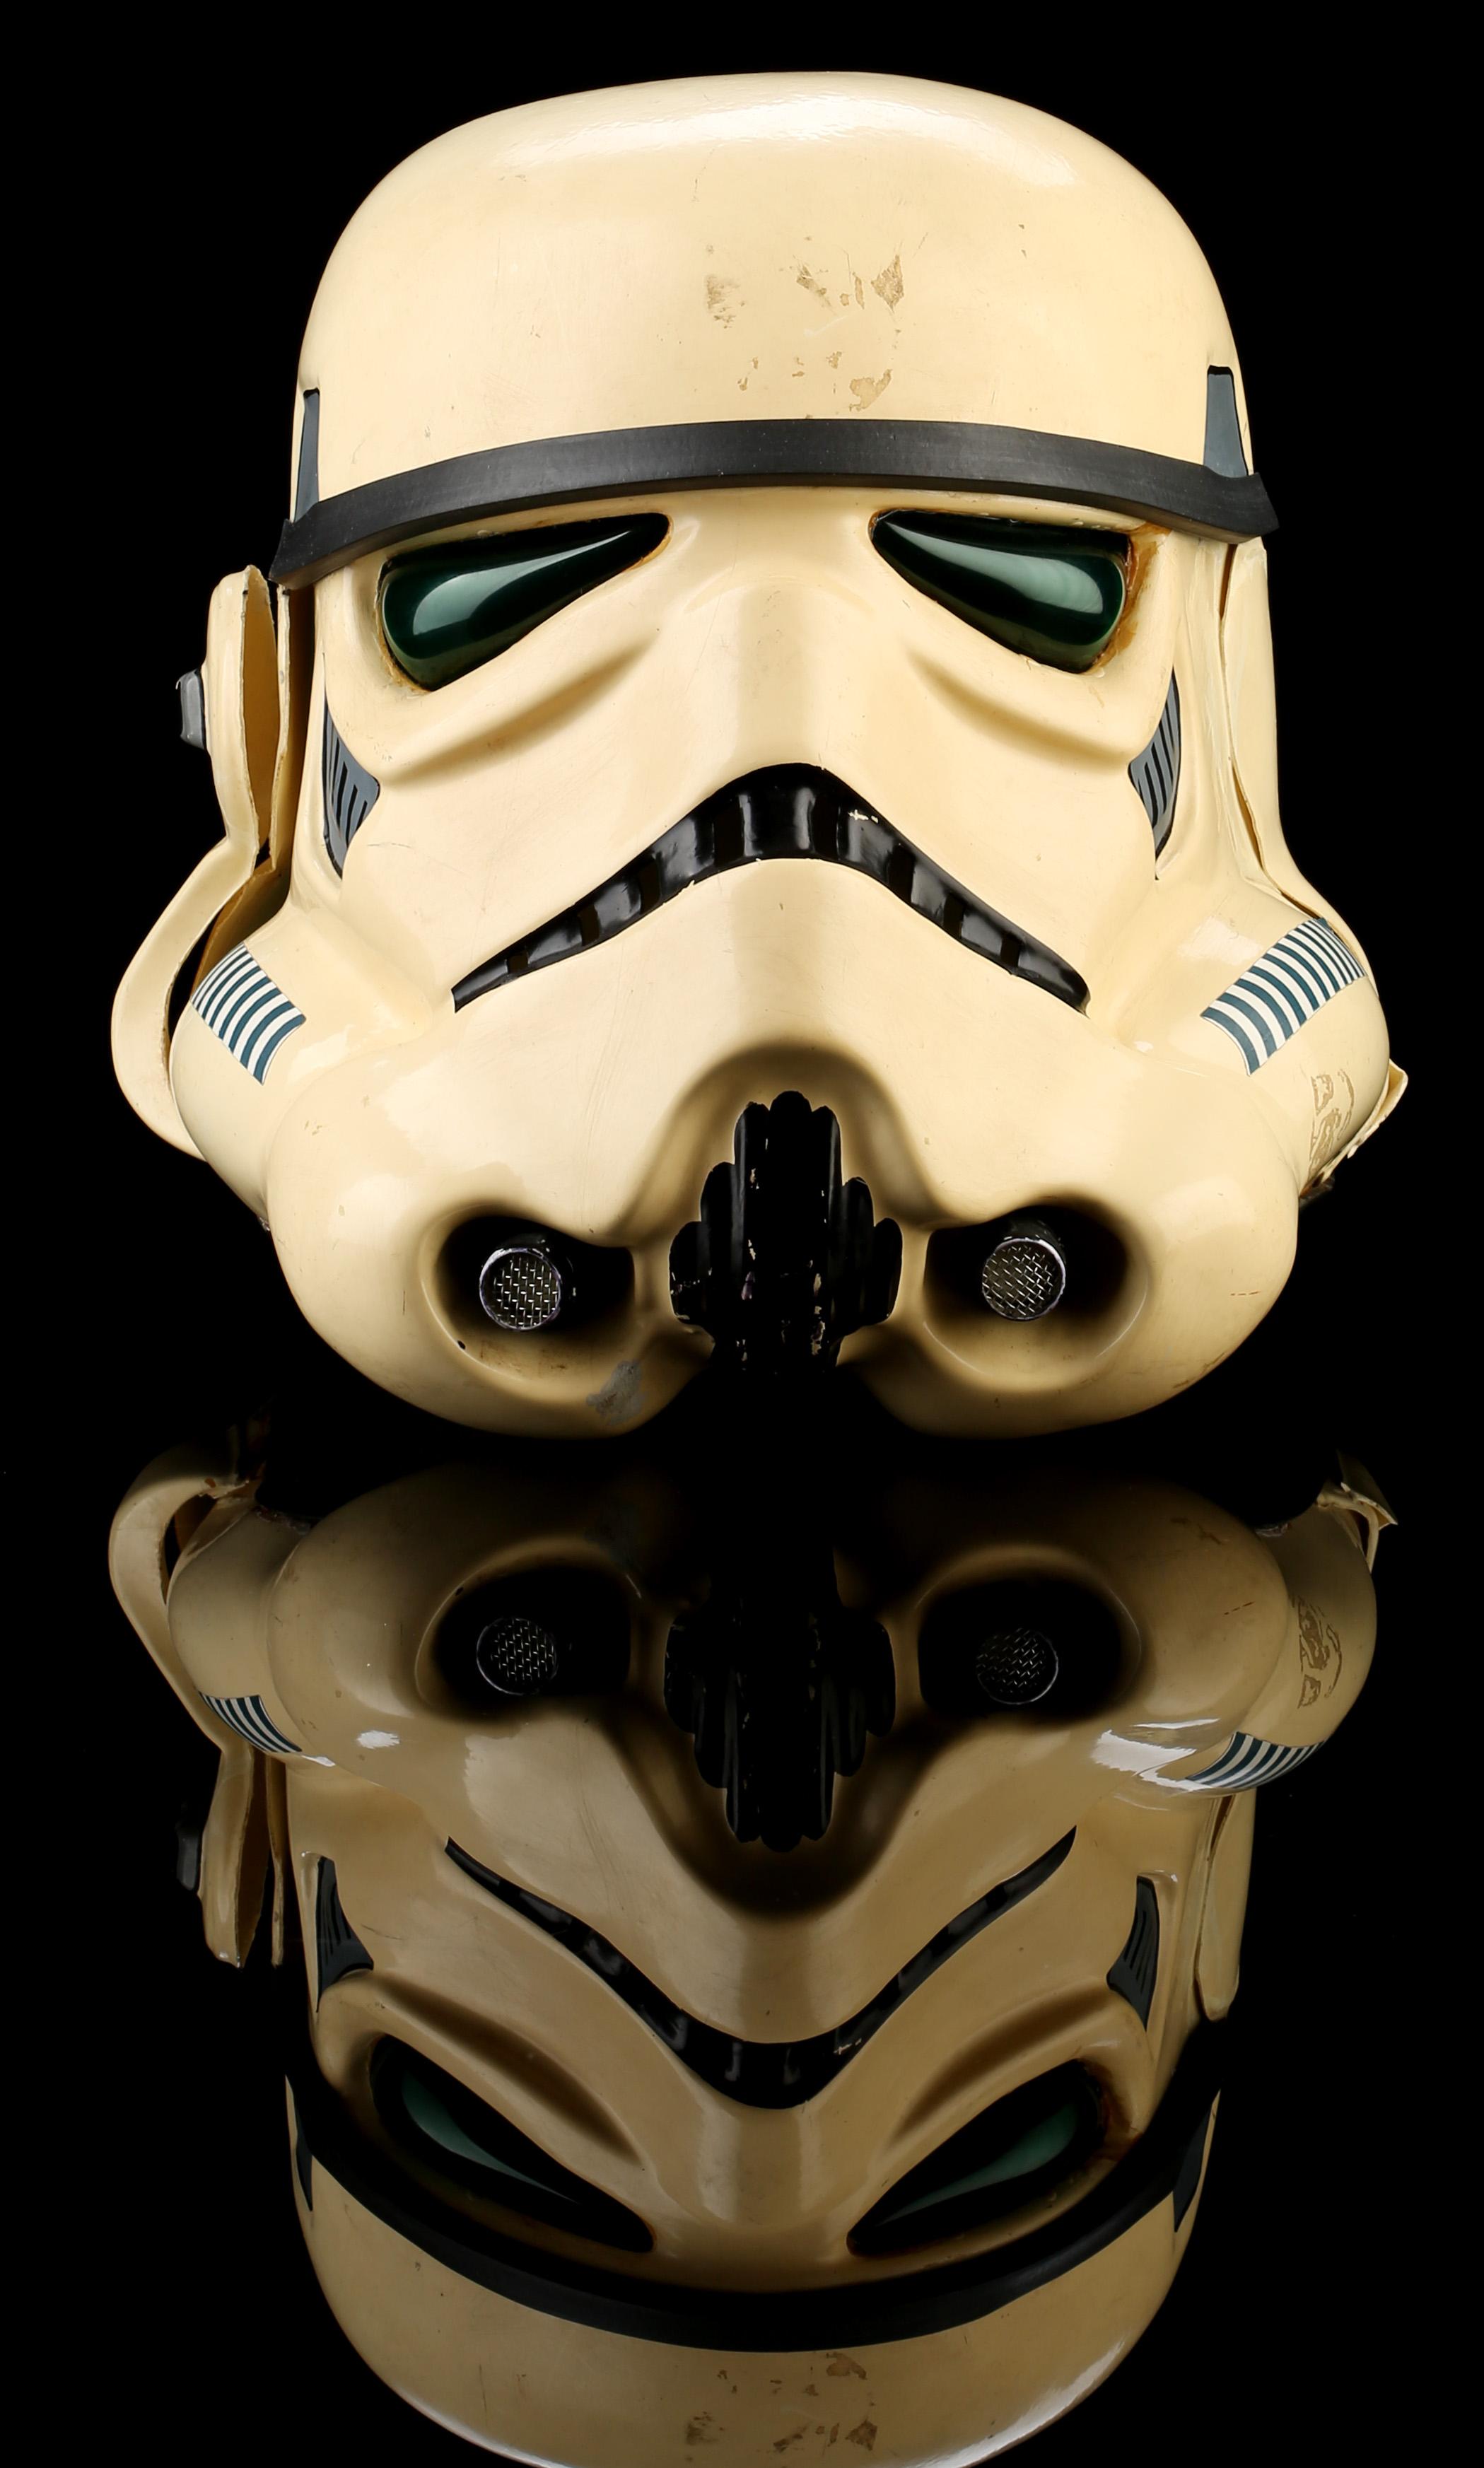 49449_Star_Wars_ESB_Storm_Trooper_Helmet_2.jpg